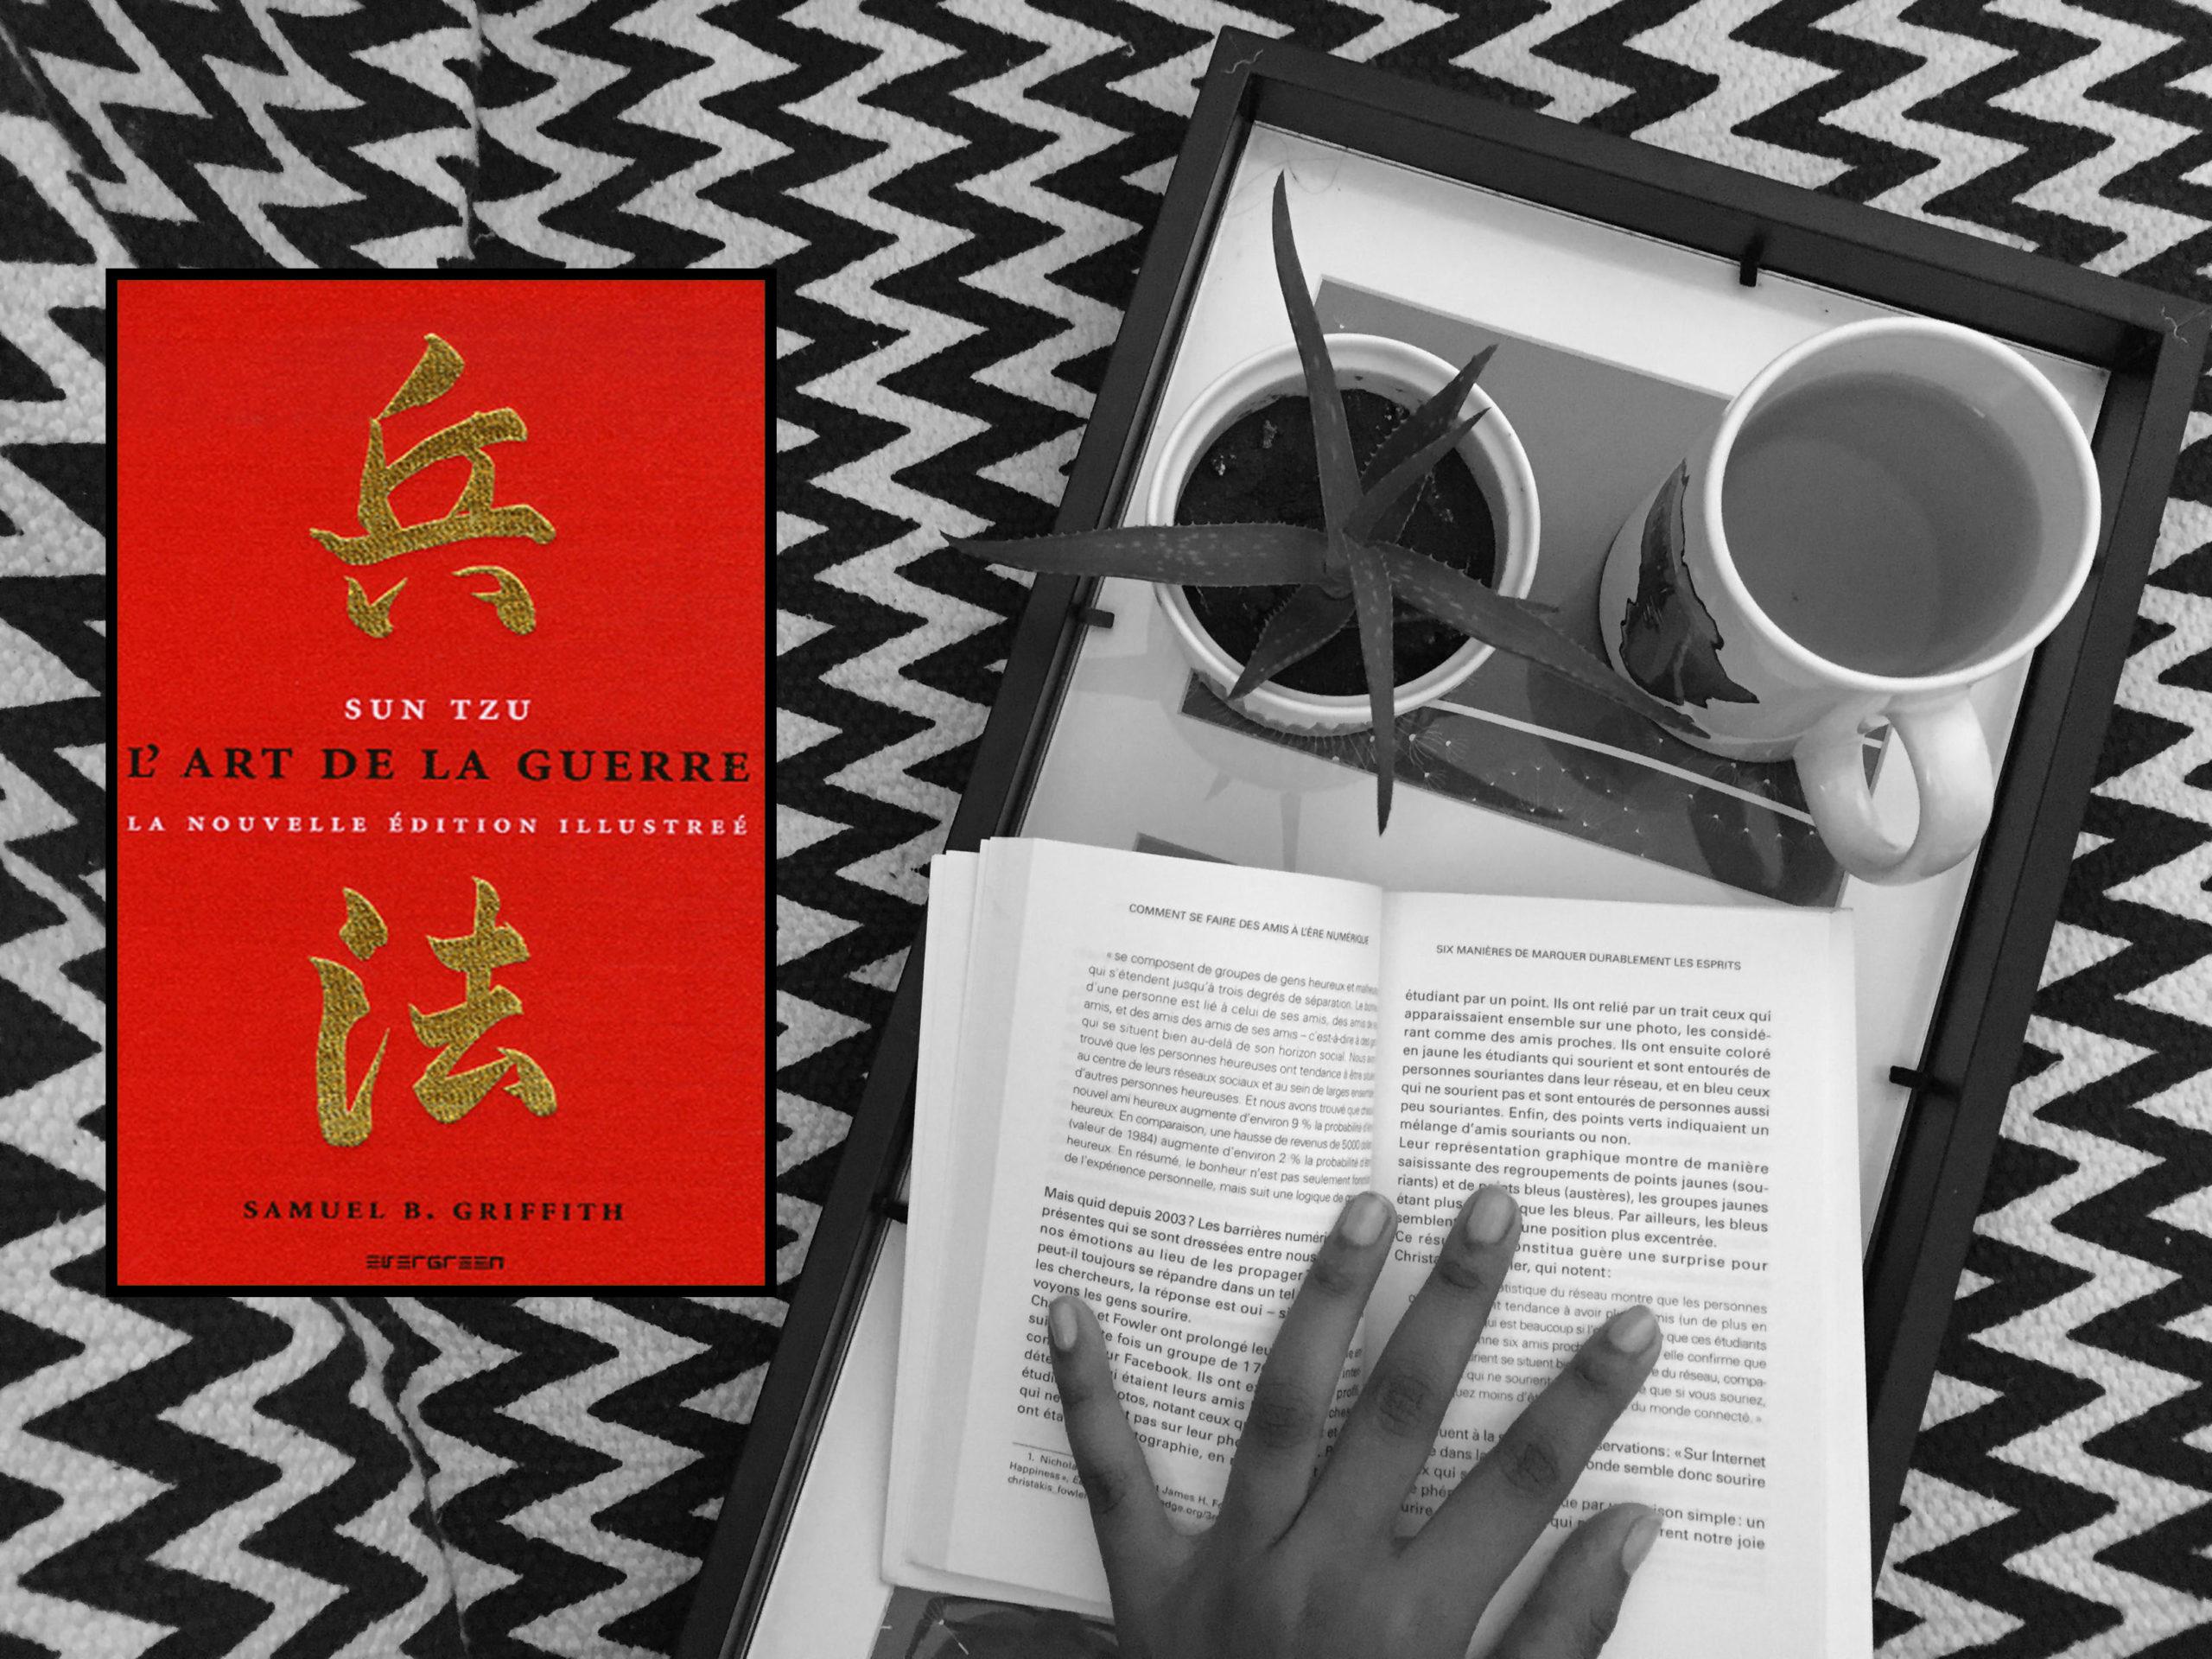 L'art de la guerre de Sun Tzu : Que retenir ?